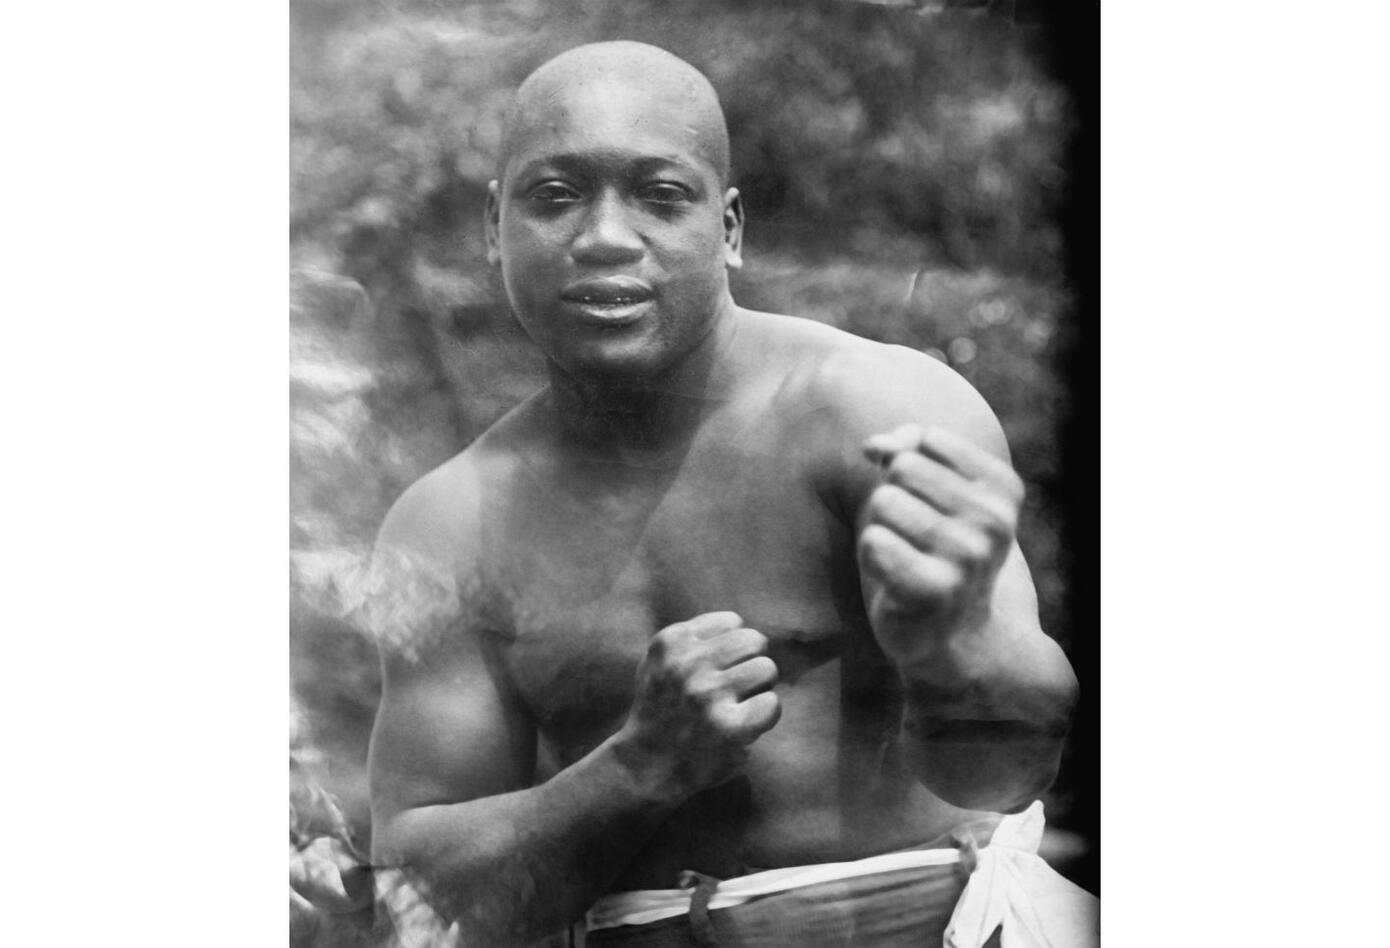 5. Jack Johnson. Nació el 31 de marzo de 1878 en Galveston, Texas (EE.UU.). Se retiró el 27 de noviembre de 1945. Falleció el 10 de junio de 1946. Tiene un récord de 73 victorias (40 nocauts), trece derrotas y diez empates – cinco combates nulos. Realizó trece defensas bajo registro oficial.